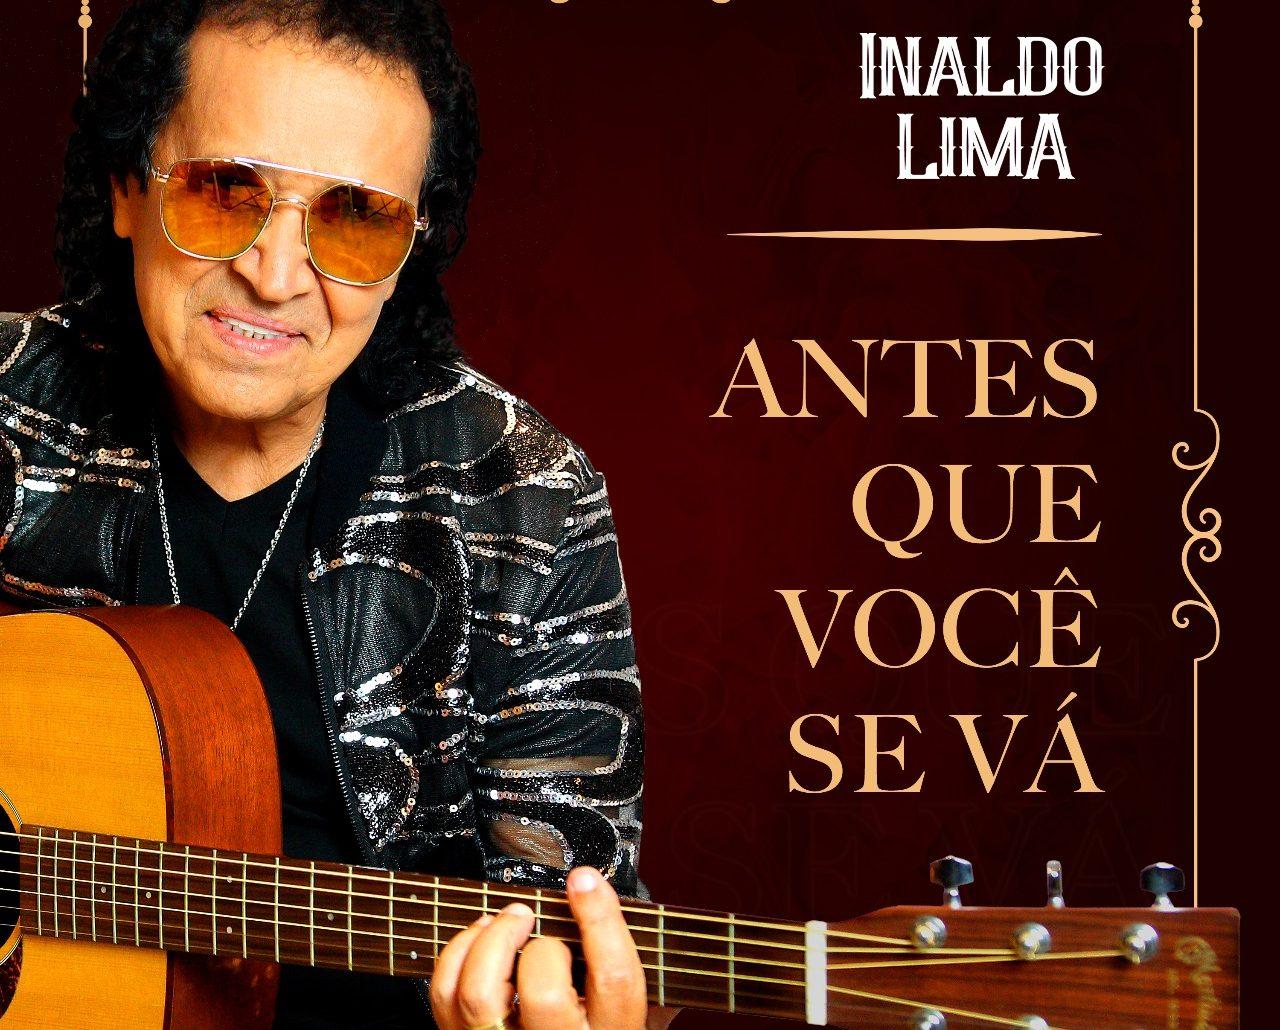 """Inaldo Lima apresenta versão de """"Antes que você se vá"""" 41"""